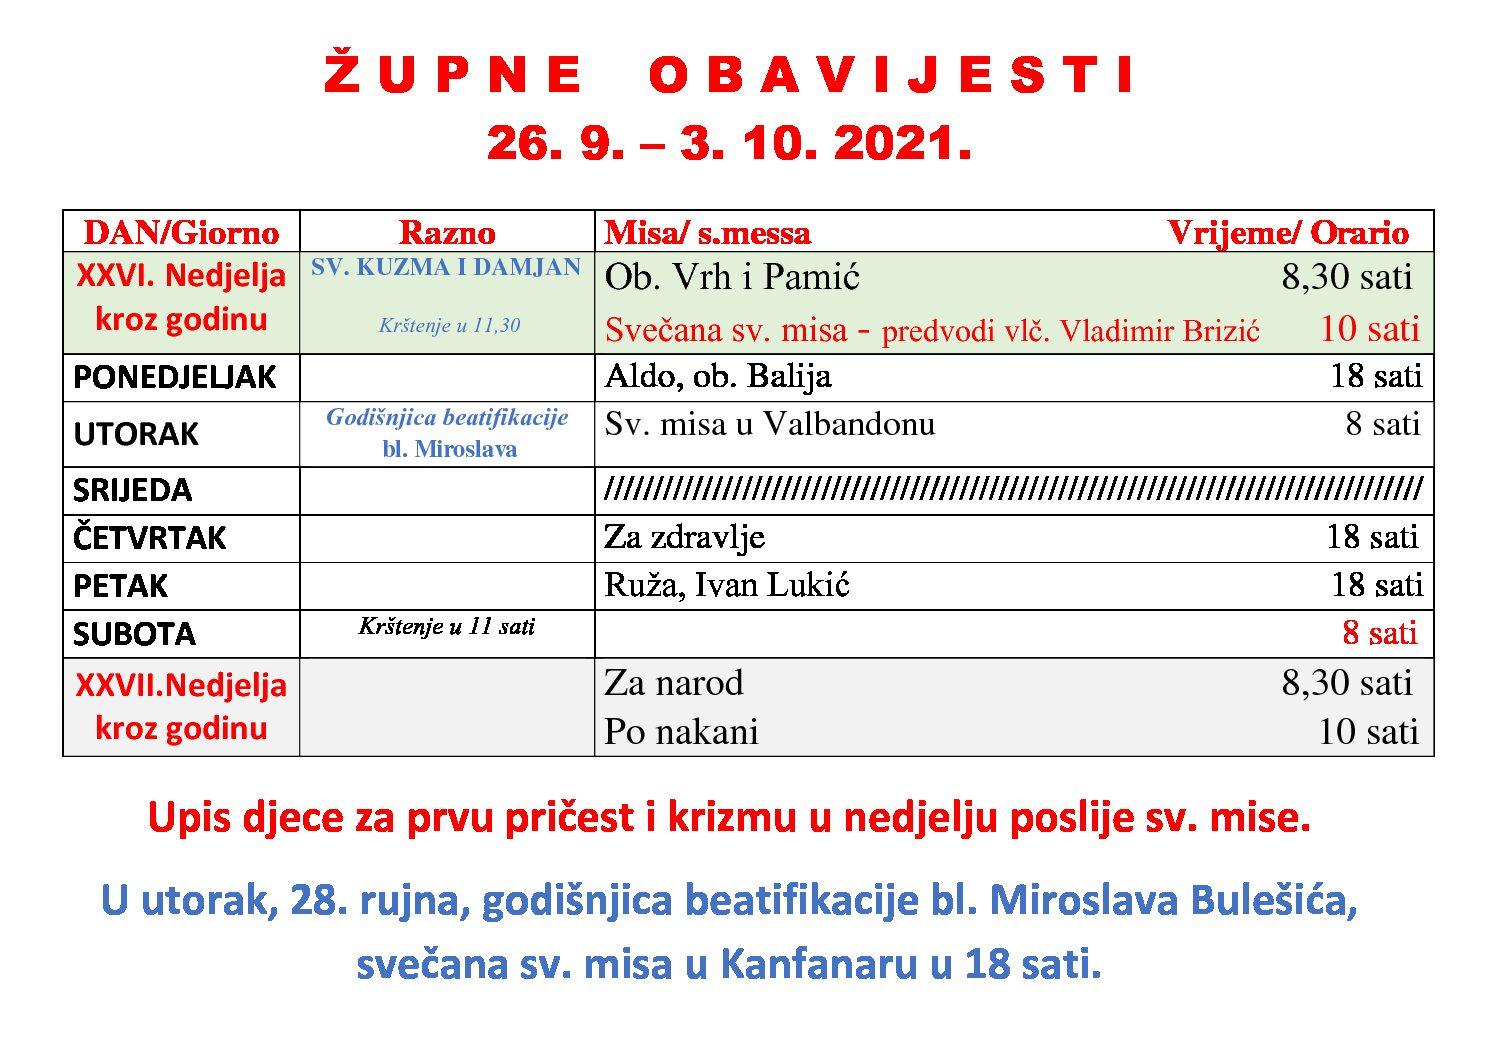 Raspored misnih slavlja u Fažani od 26. 9. do 3. 10. 2021.